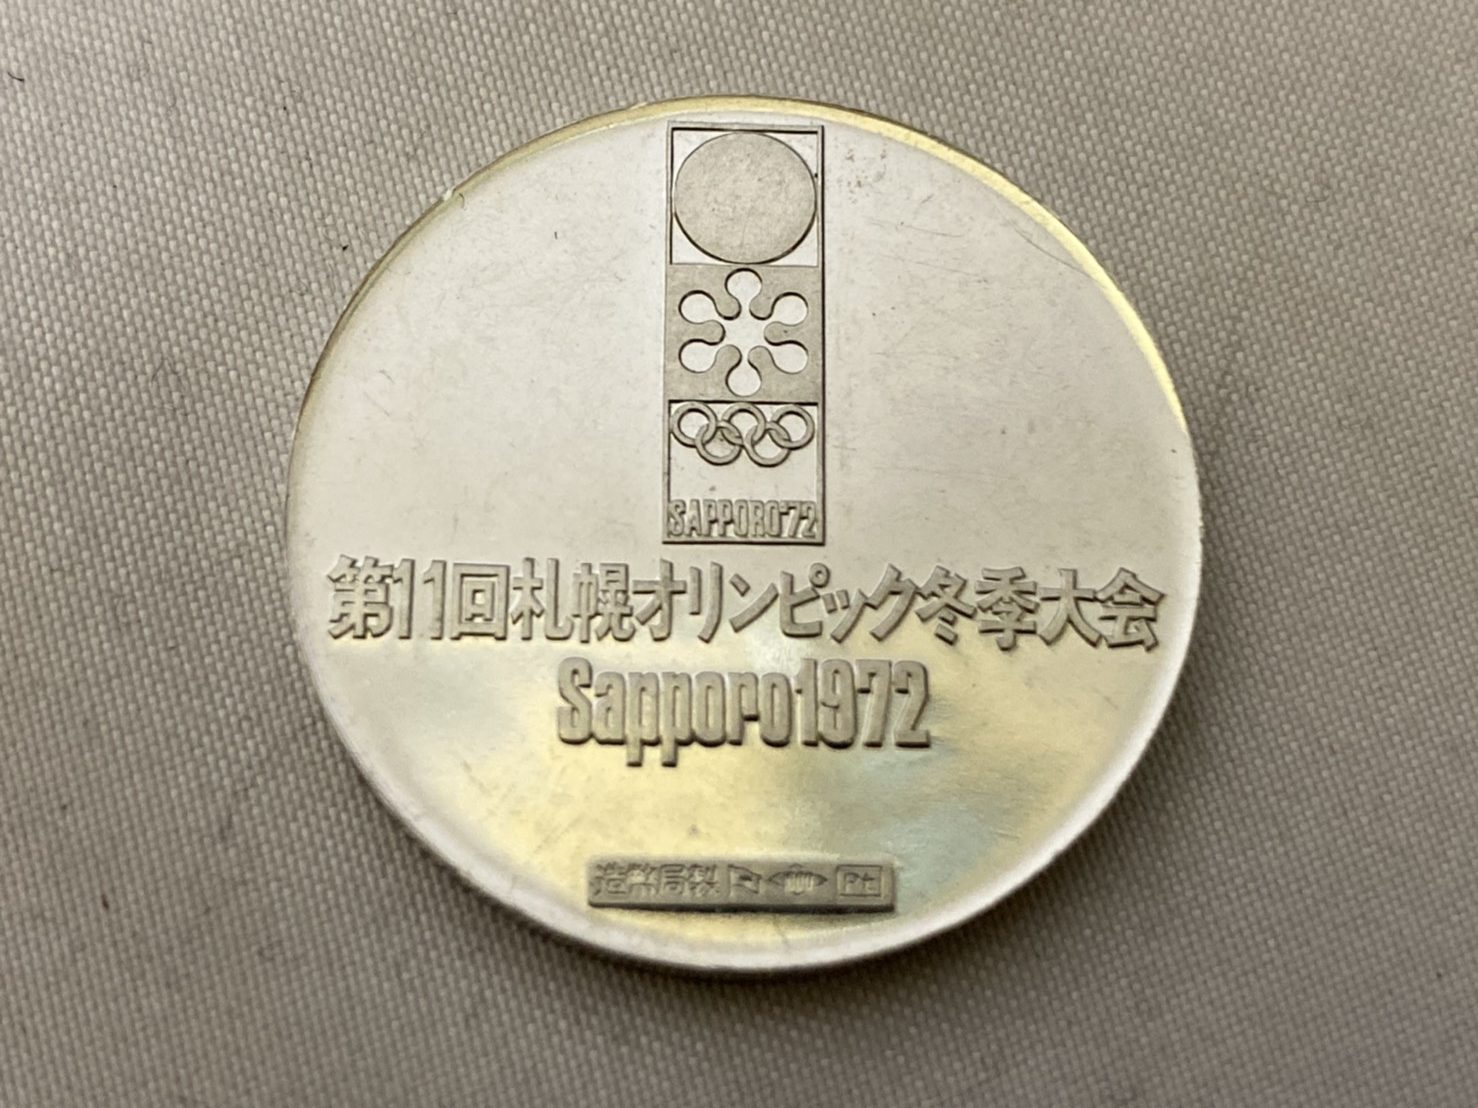 プラチナリング Pm ダイヤモンド1.00ct 鑑定書無し